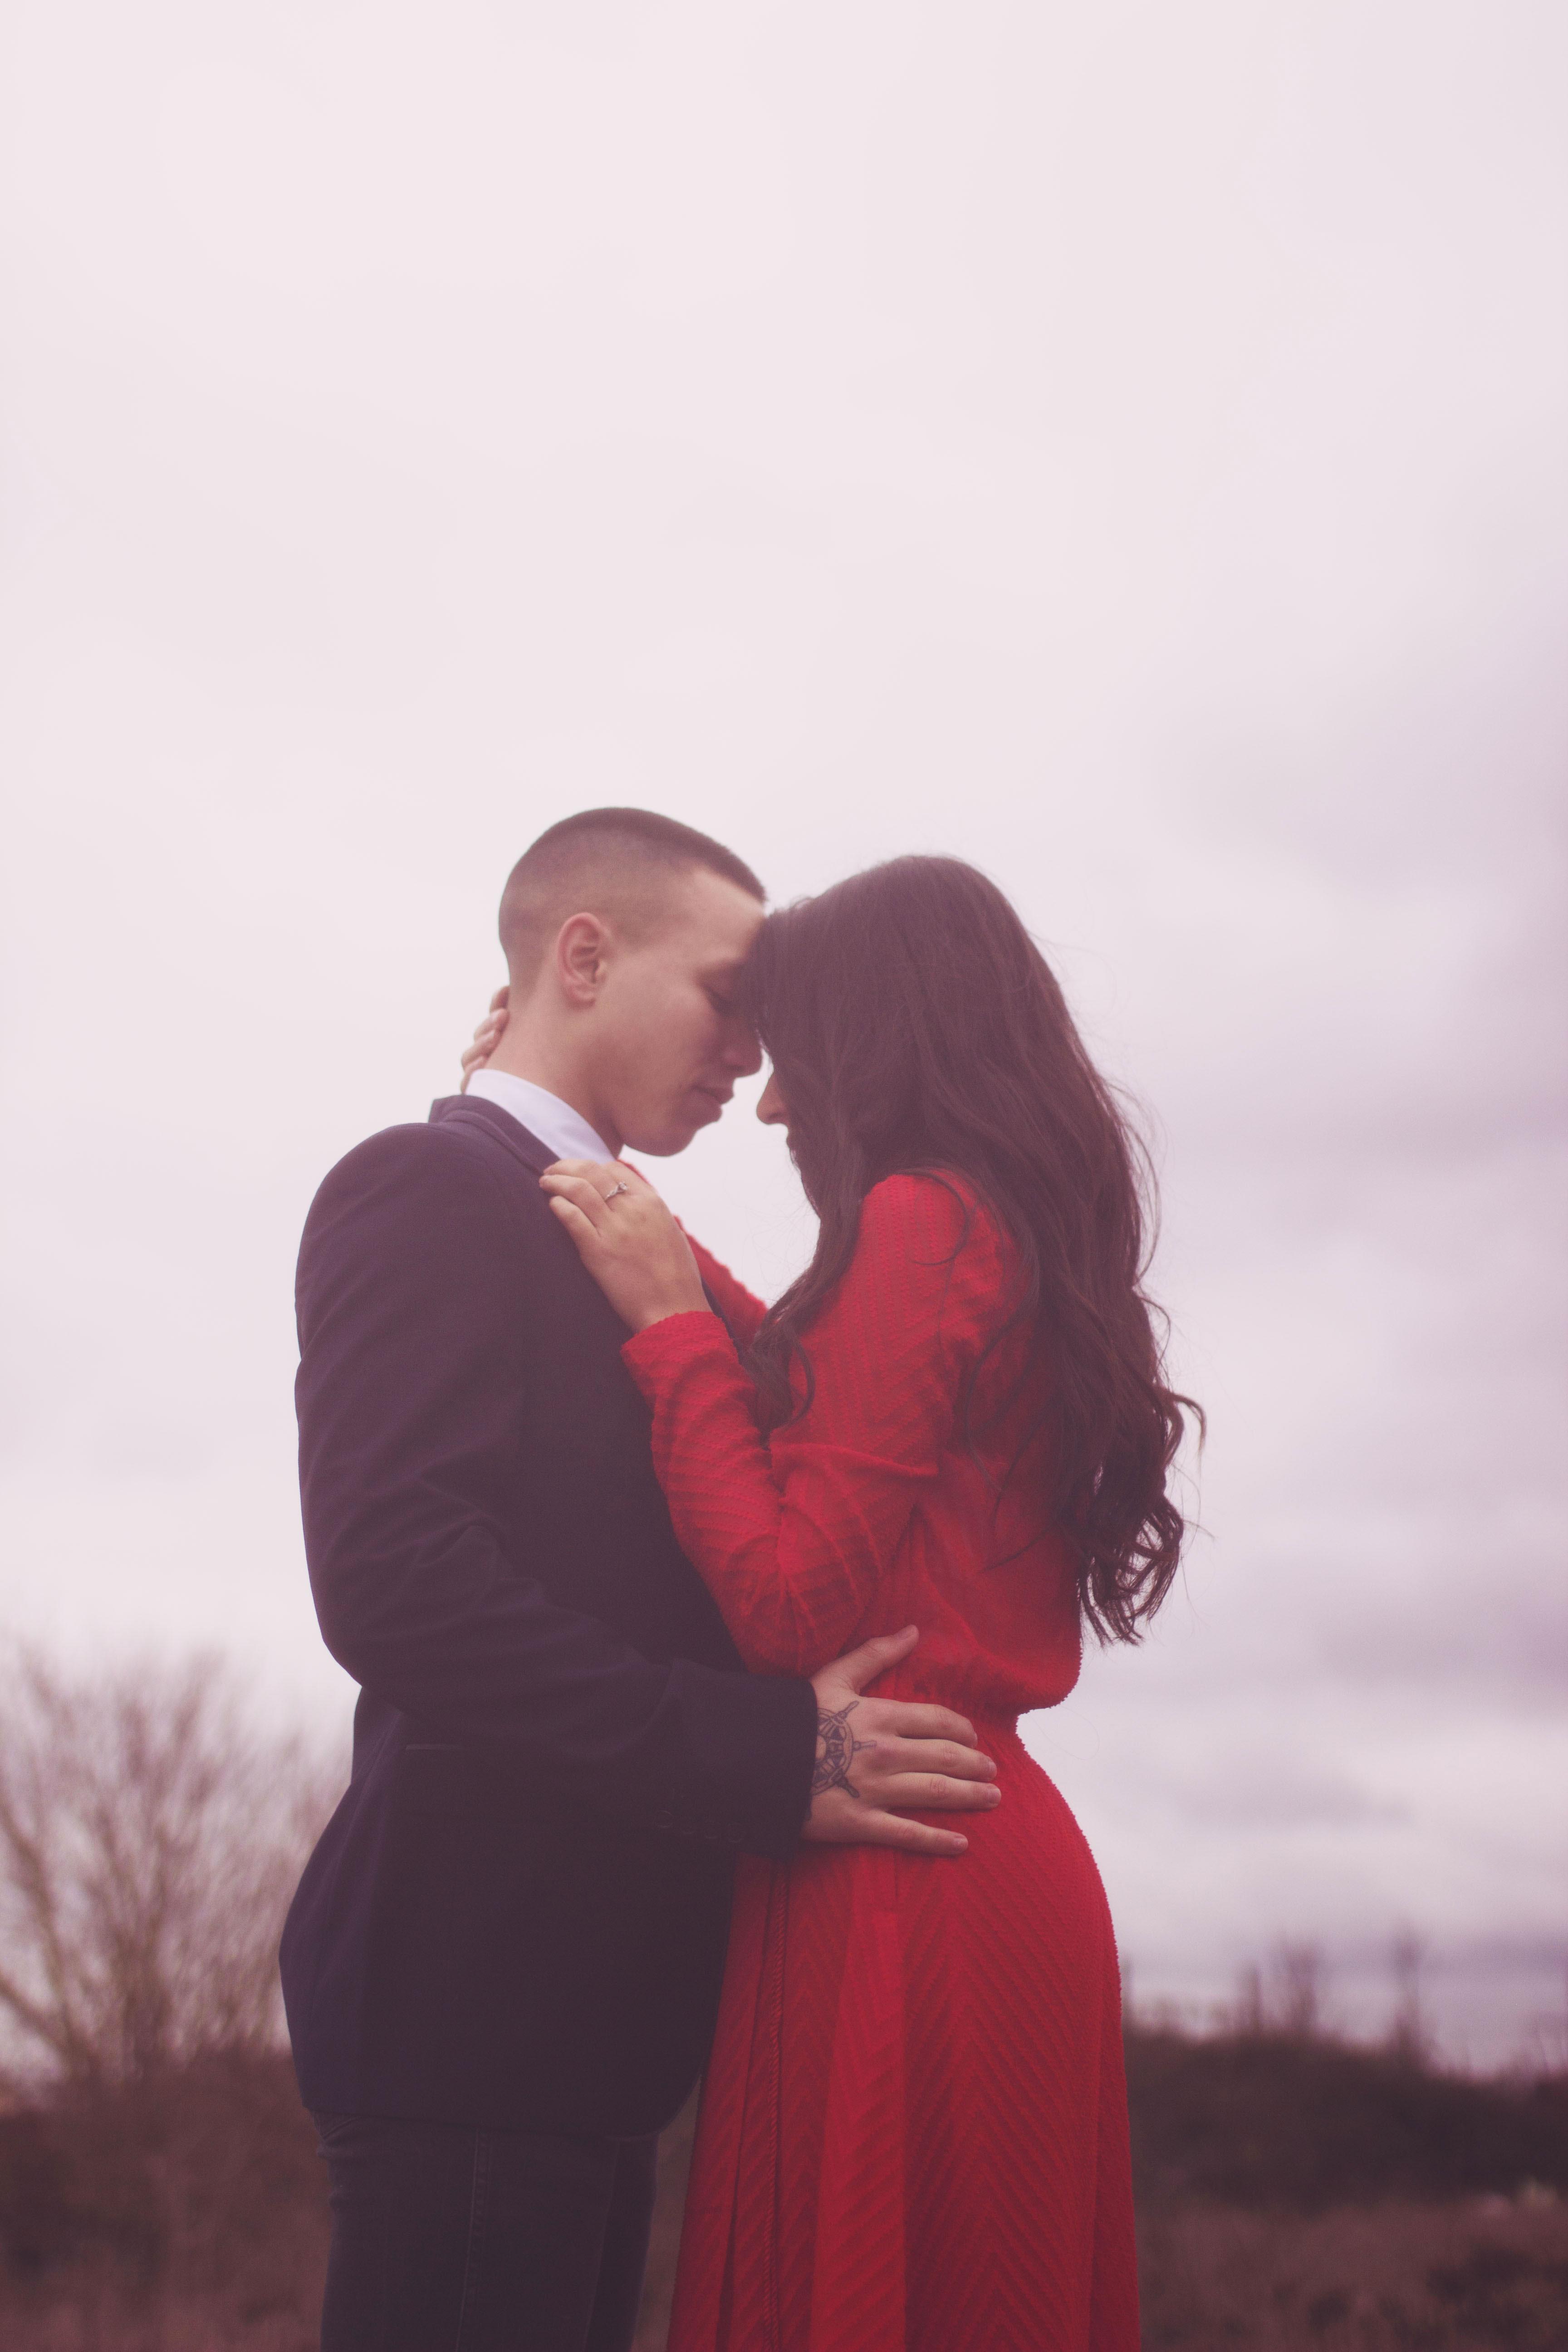 portrait romantique d'un couple qui s'embrasse